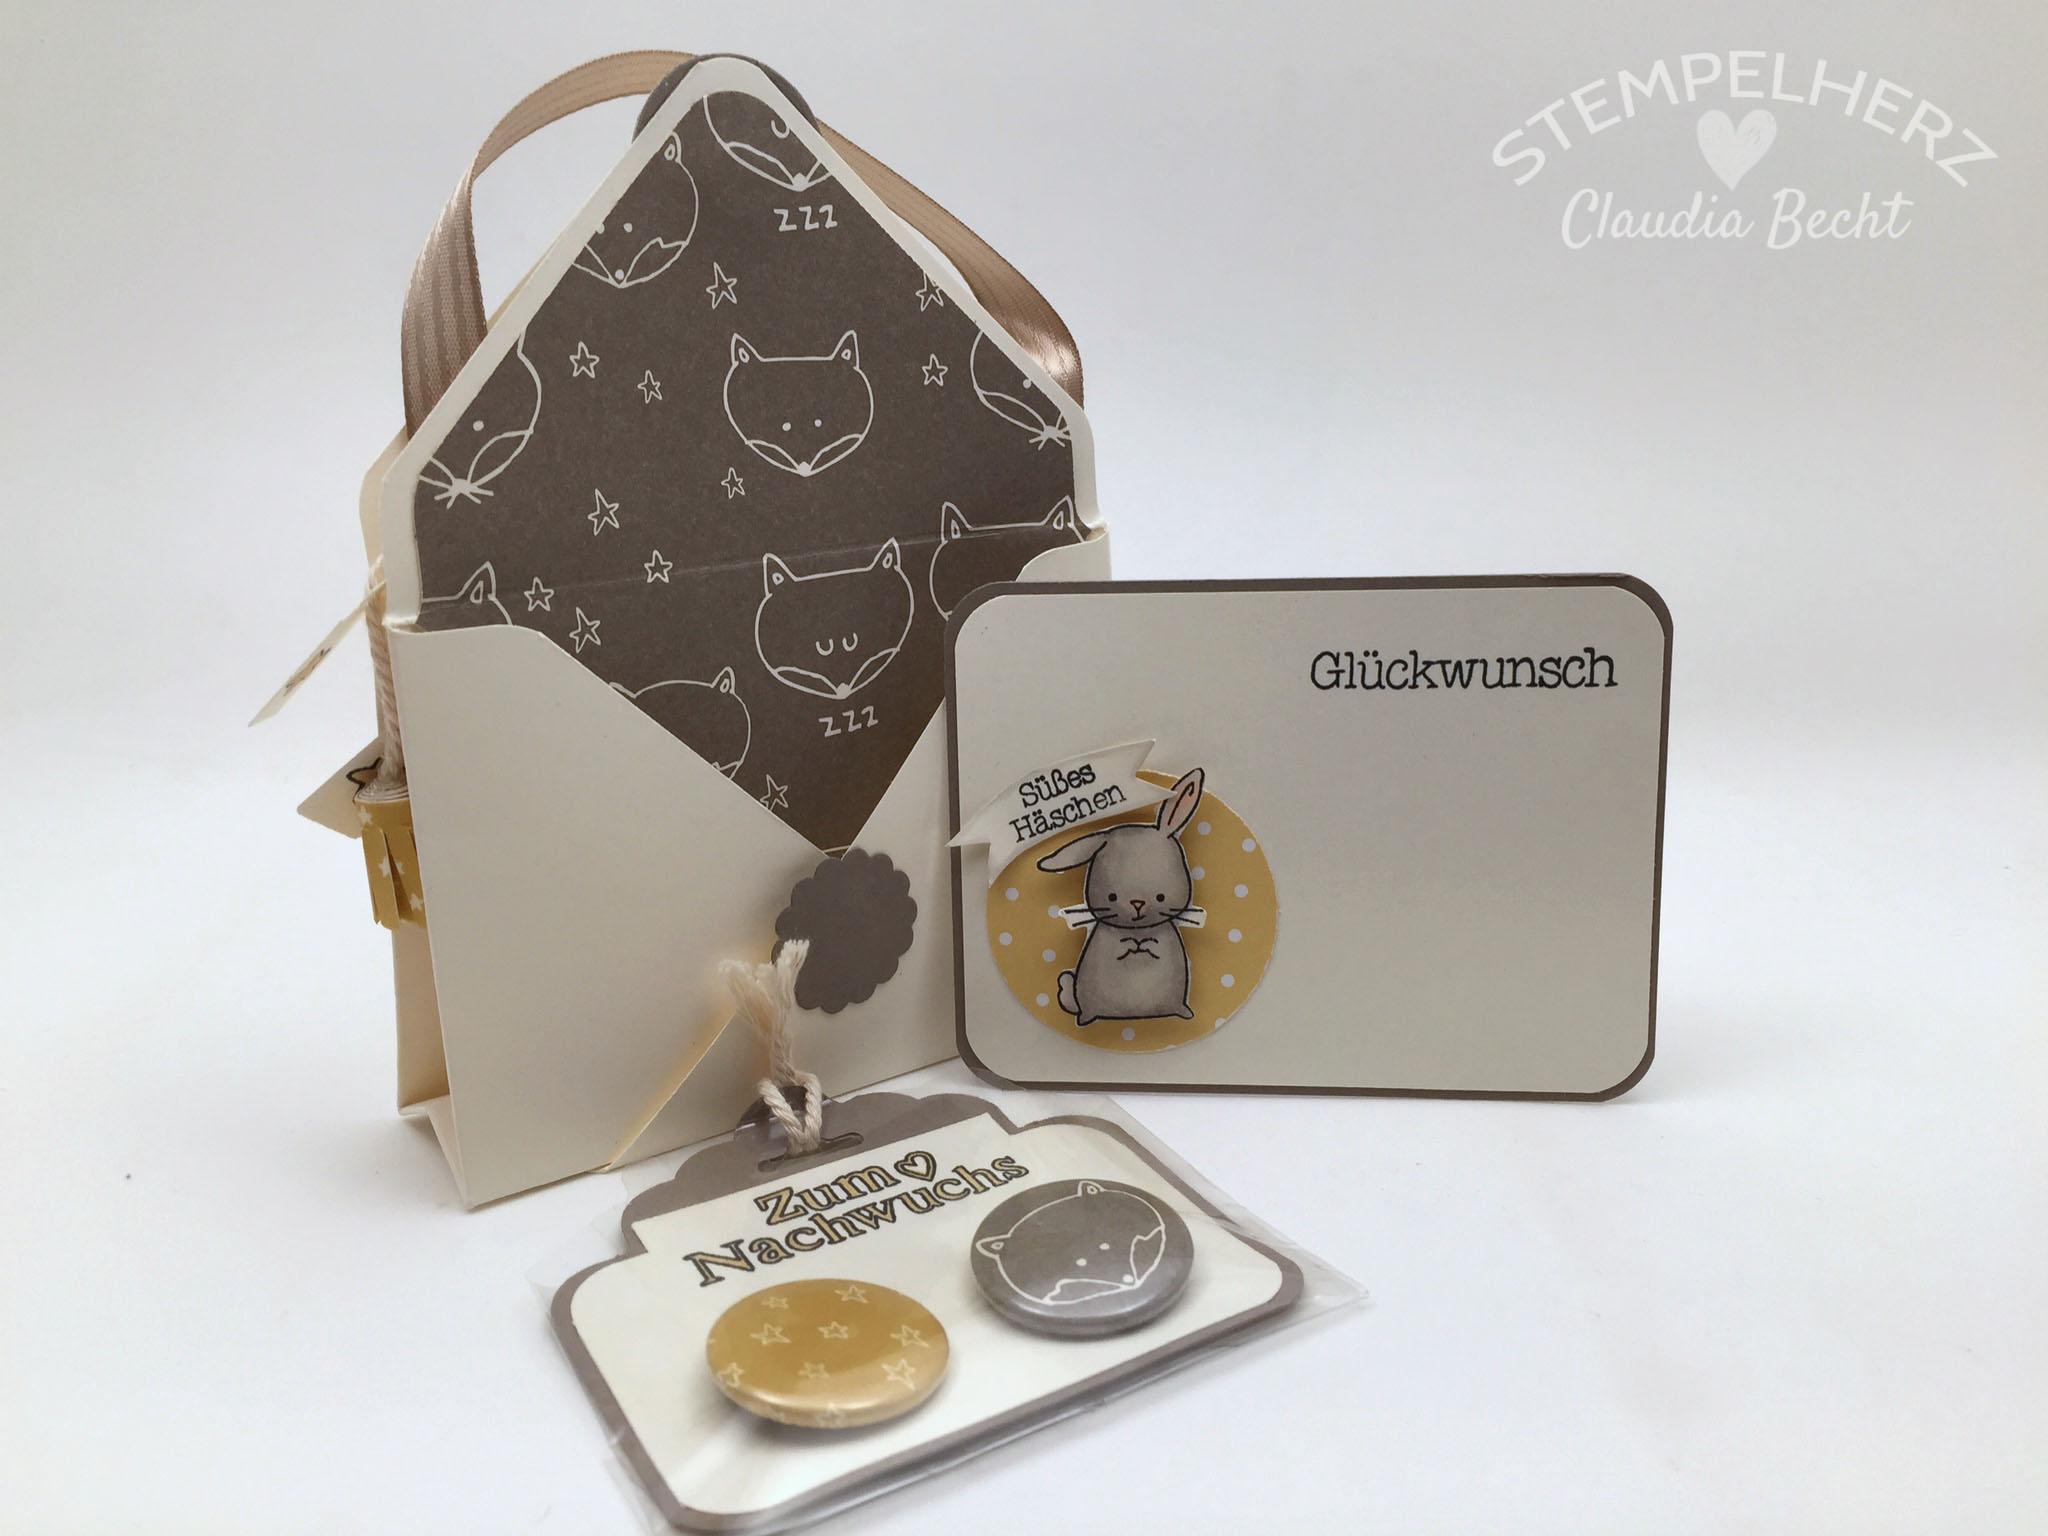 Stampin Up-Stempelherz-Double Pocket Card-Babykarte-Geschenkidee Geburt-Zum Nachwuchs-Double Pocket Card Zum Nachwuchs 03b